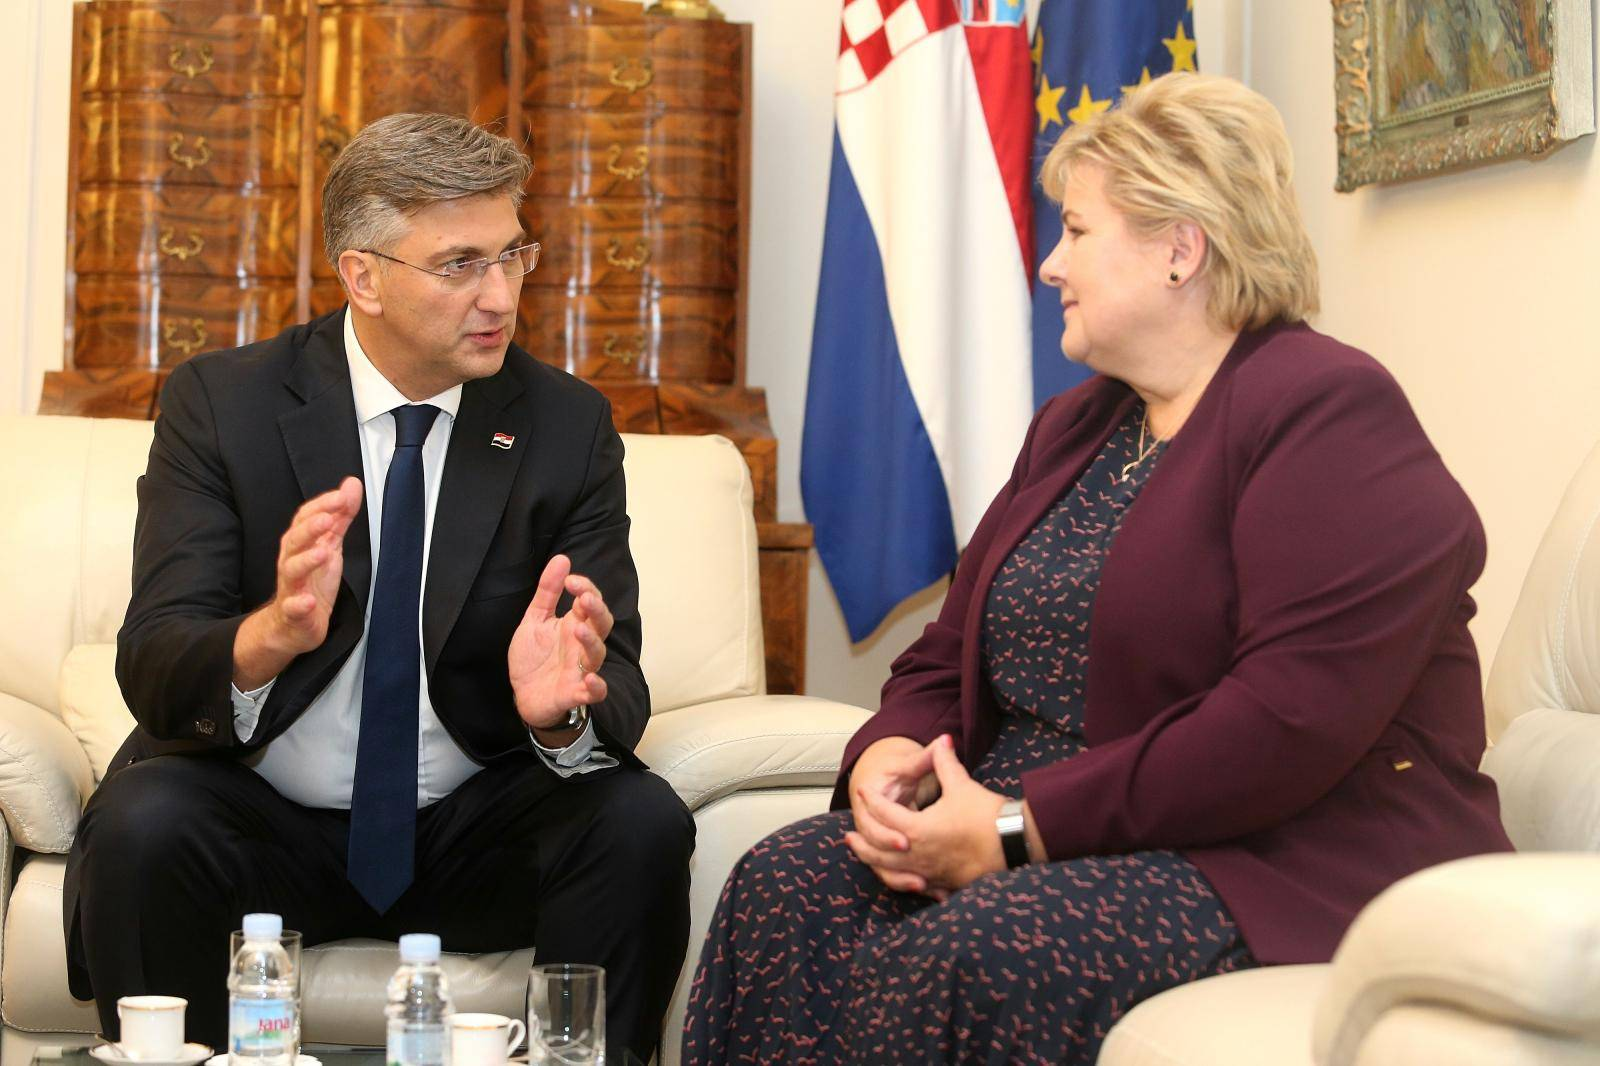 Solberg: Integracija zapadnog Balkana u NATO i EU je važna